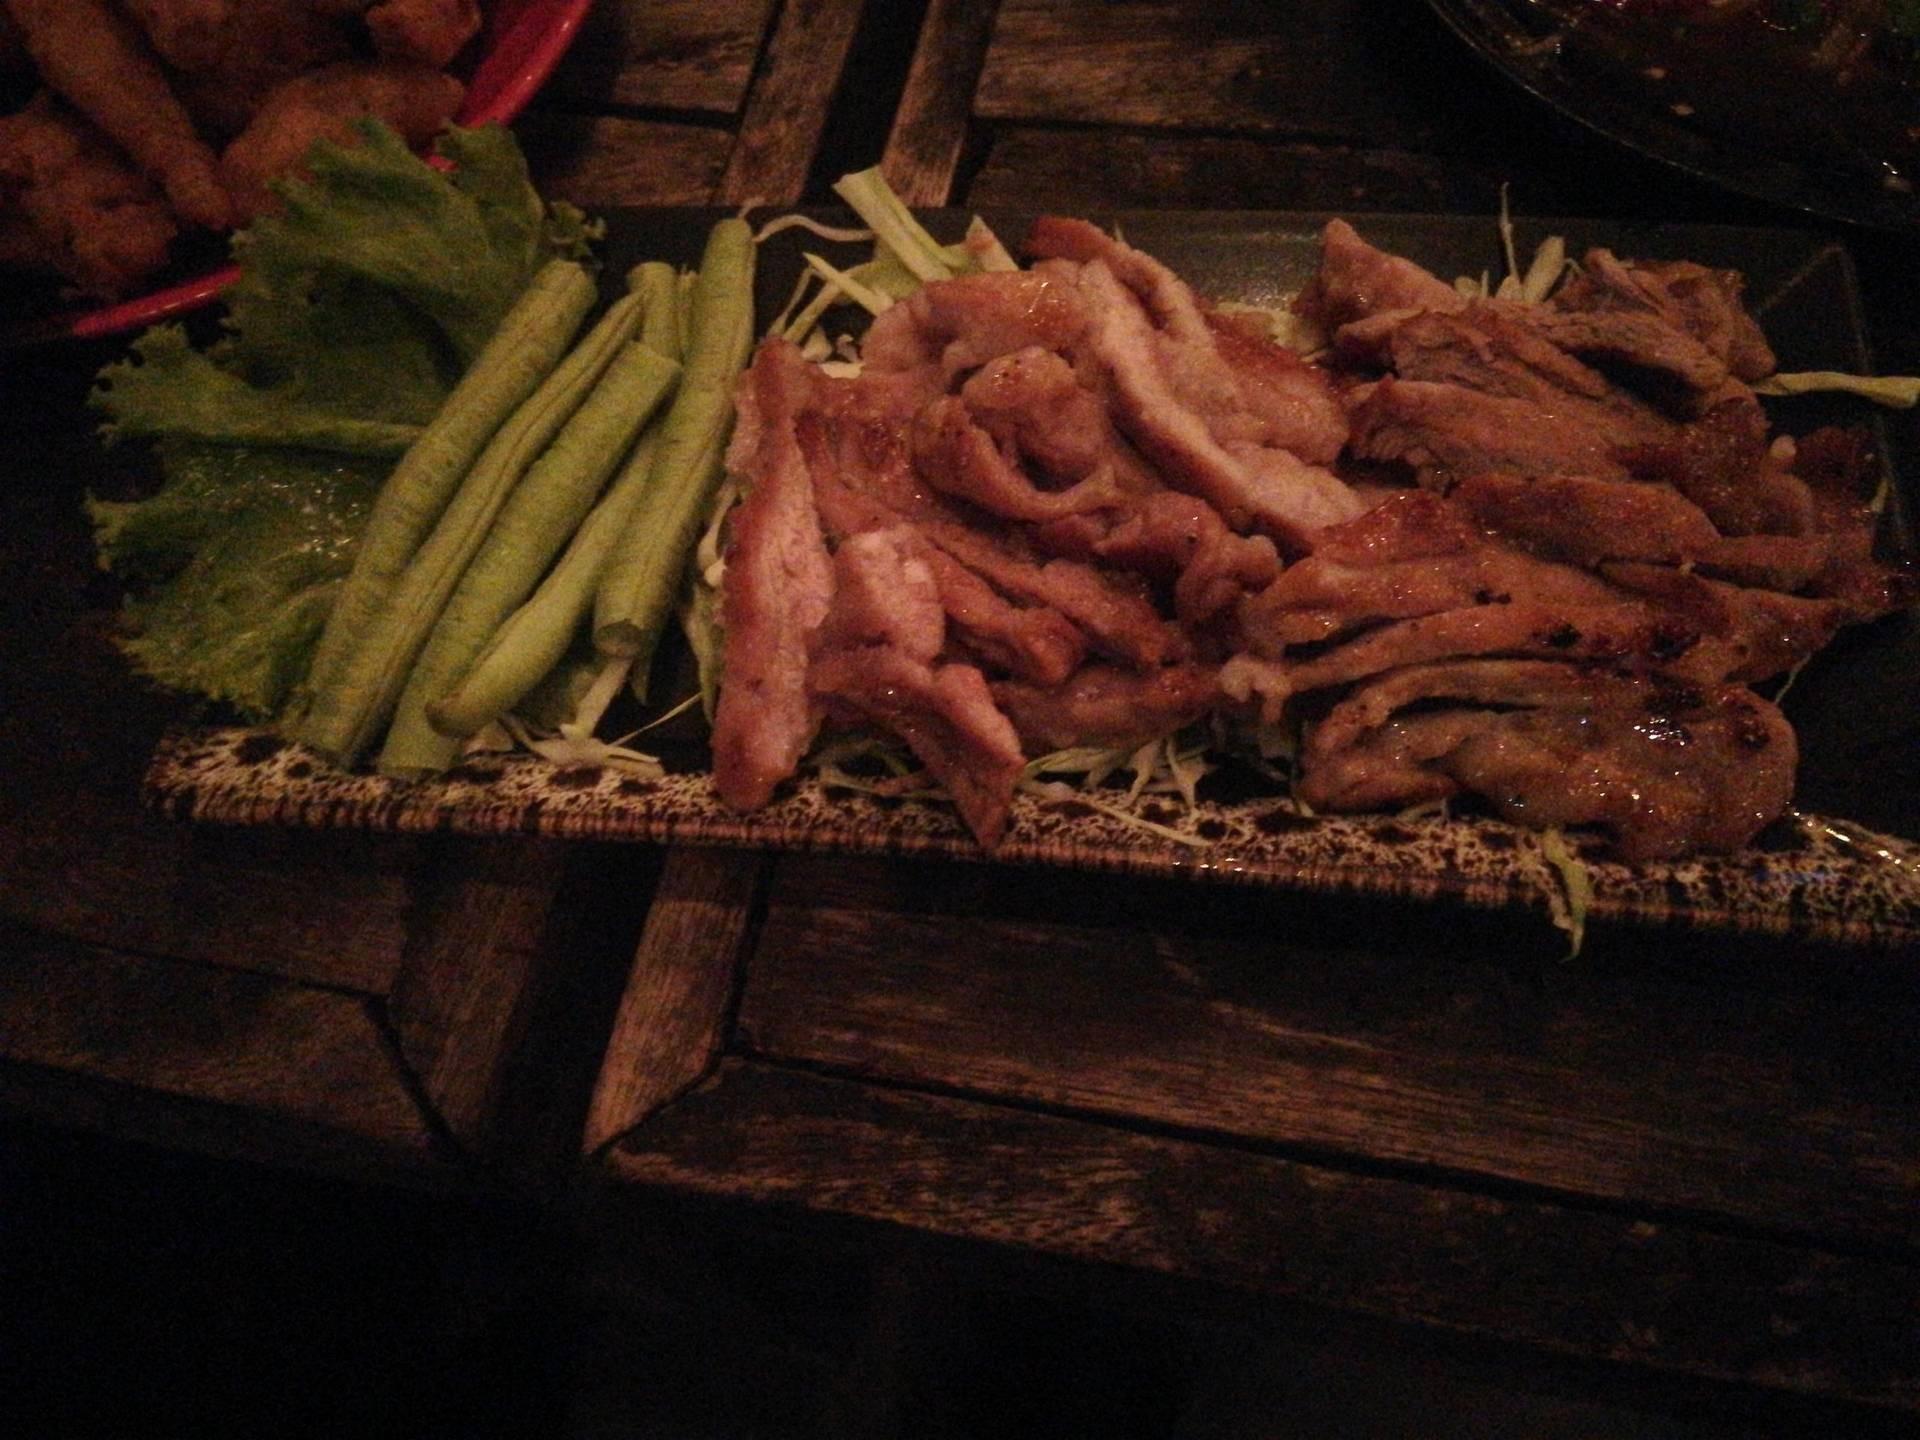 หมูย่างพร้อมผักชนิดต่างๆ